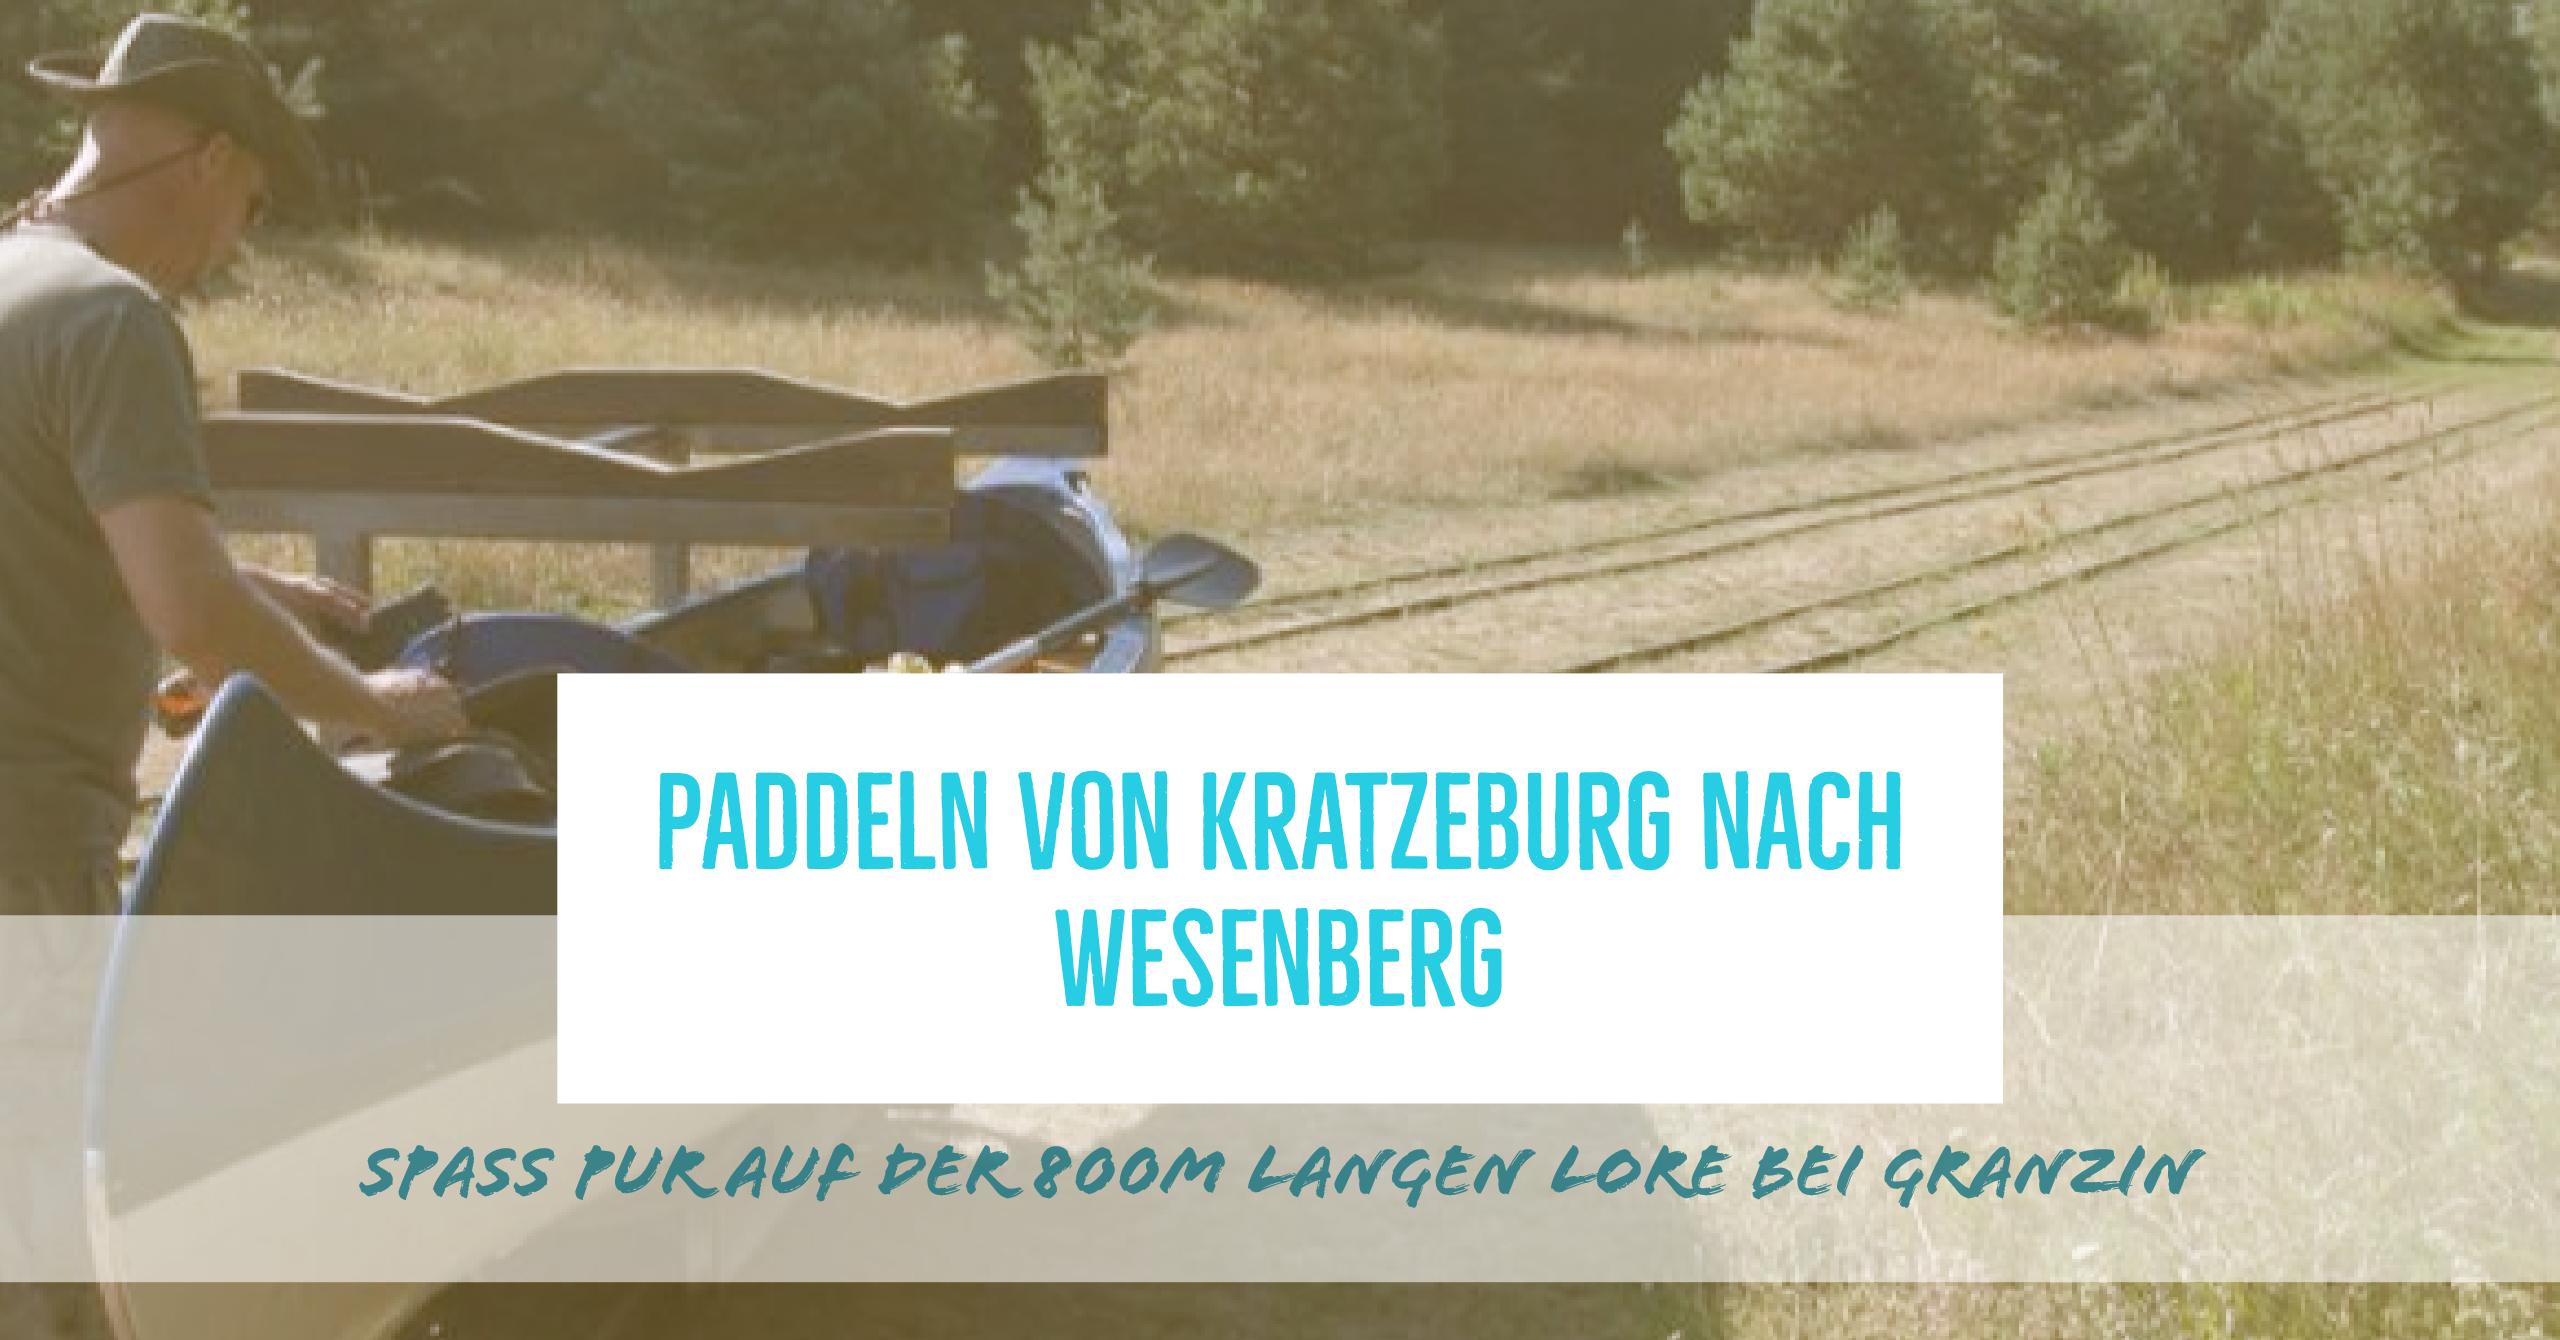 Paddeln von Kratzeburg nach Wesenberg und Spaß pur auf der 800m langen Lore bei Granzin